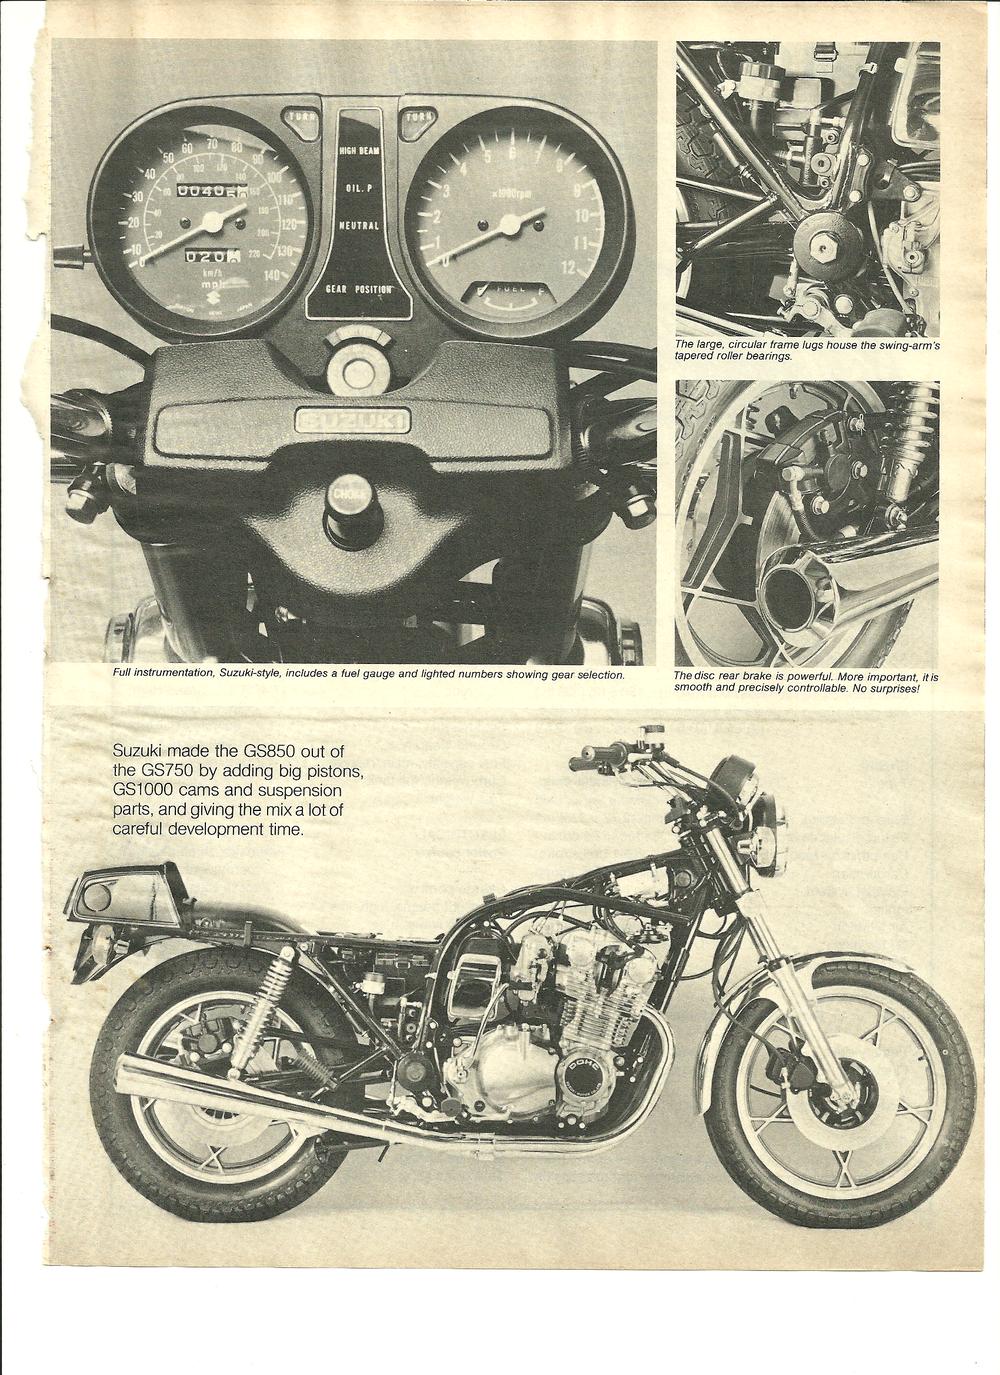 1979_Suzuki_GS850_test_pg6.png